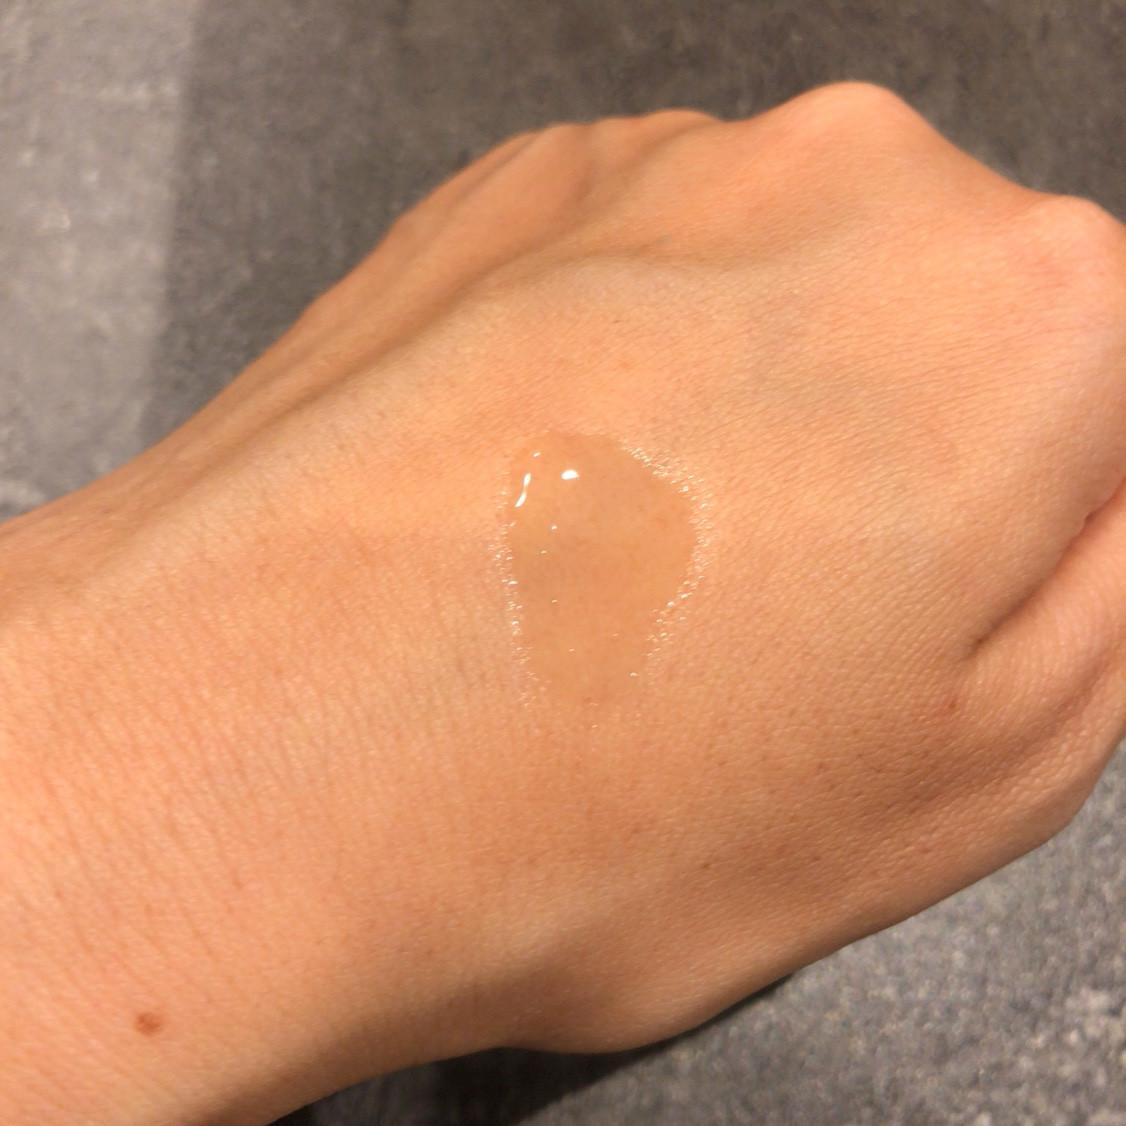 ちなみにこのビタミンC化粧水を推したのは我が家の旦那。  ★しっかり塗ってもベタつきが残りにくい  サラっとしたテクスチャー。